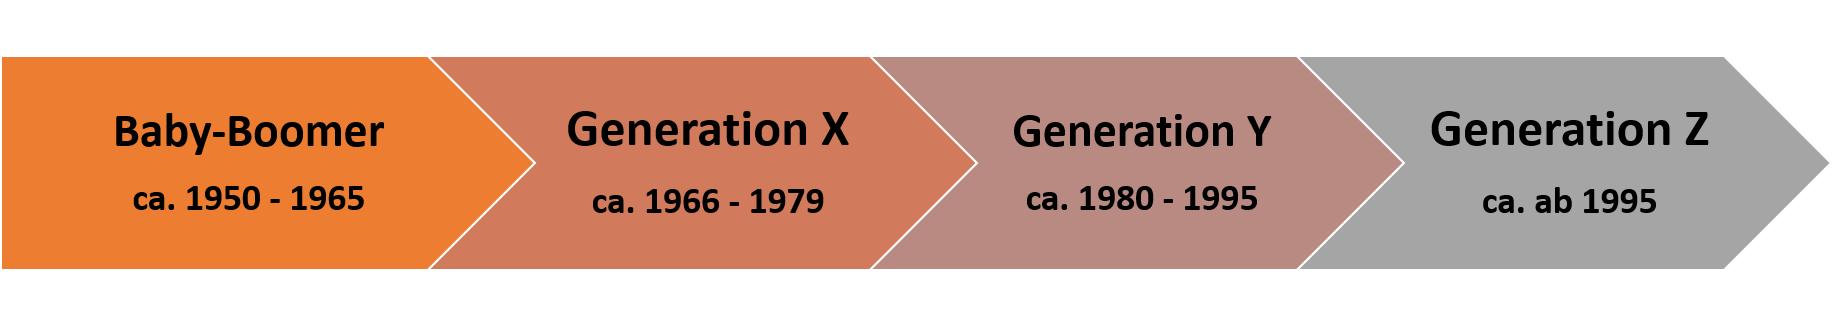 Pfeil-Diagramm zur Darstellung der Generationen Baby-Boomer, X, Y und Z